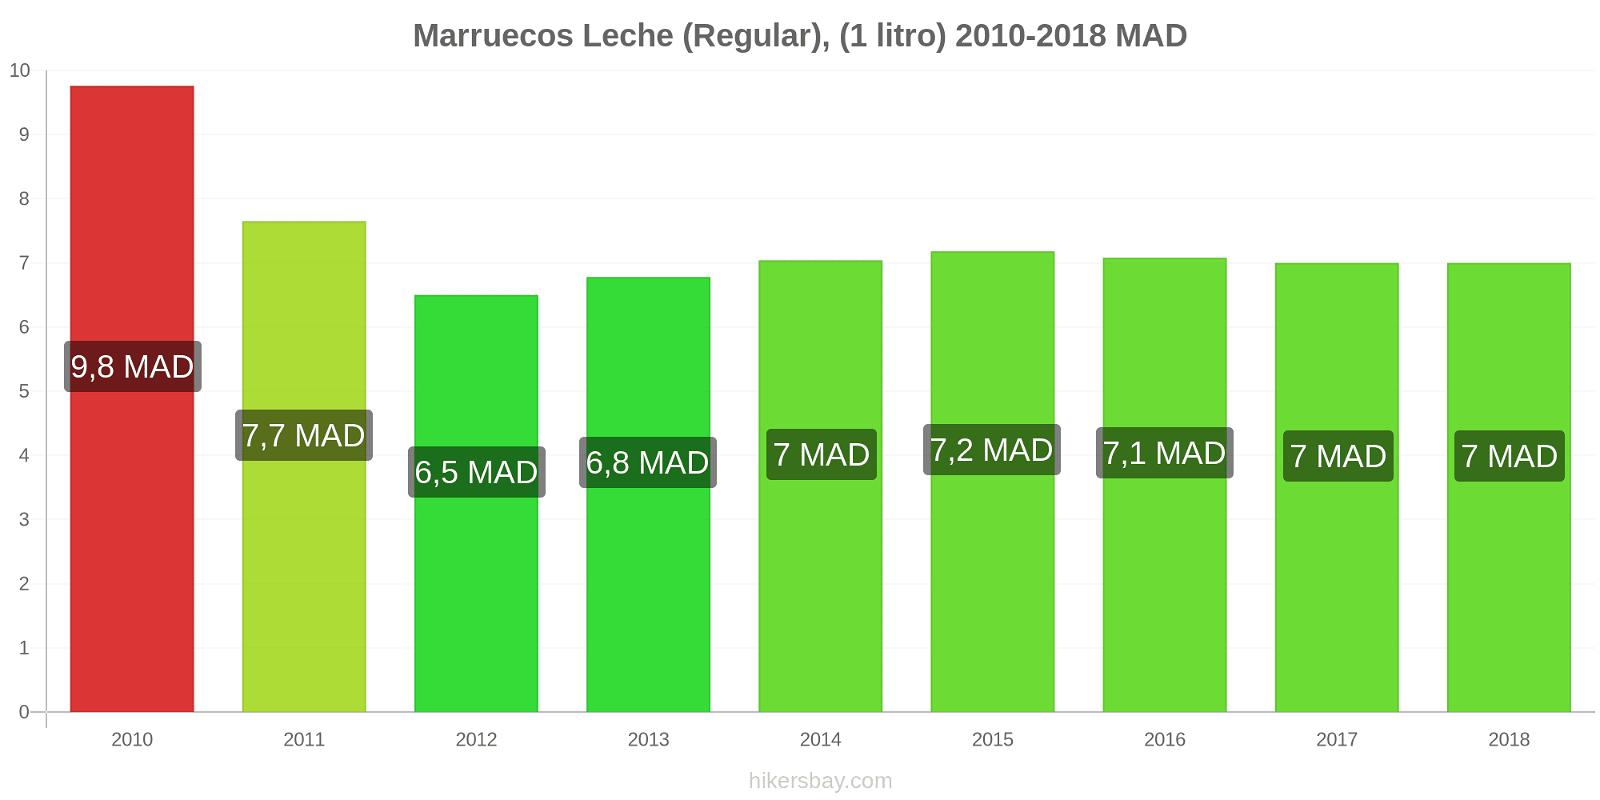 Marruecos cambios de precios Leche (Regular), (1 litro) hikersbay.com